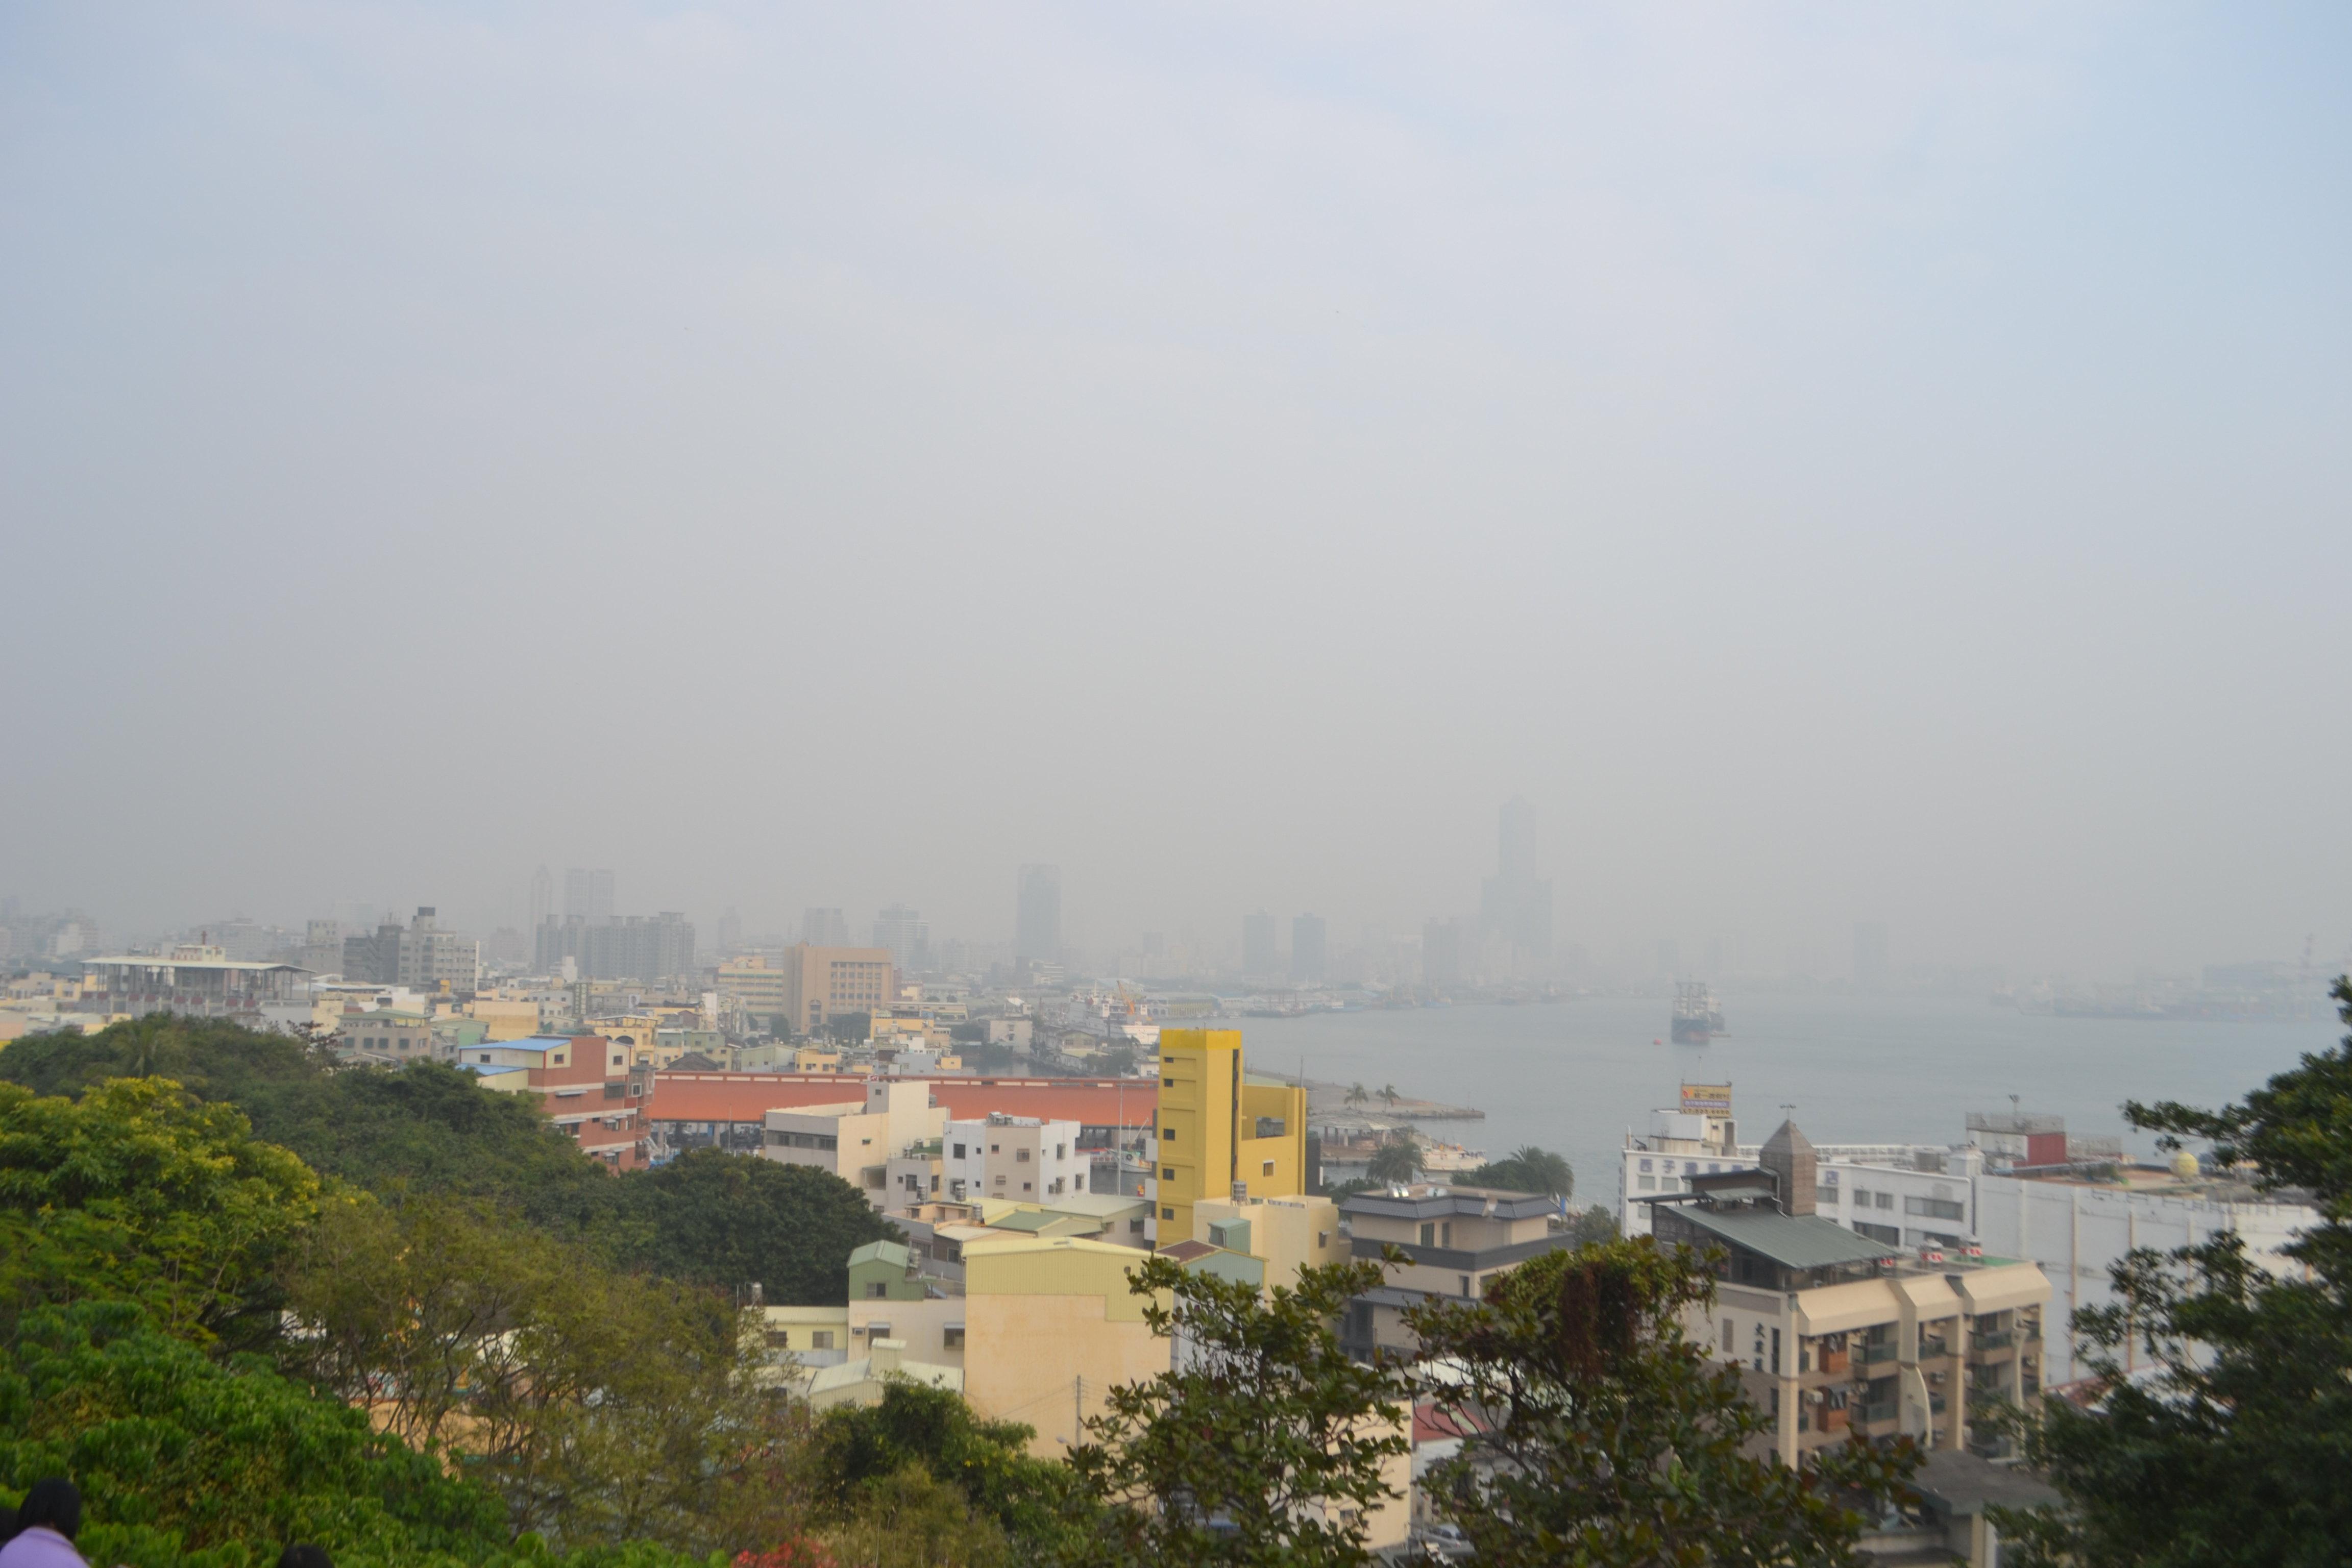 【携程攻略】台湾西子湾风景区景点